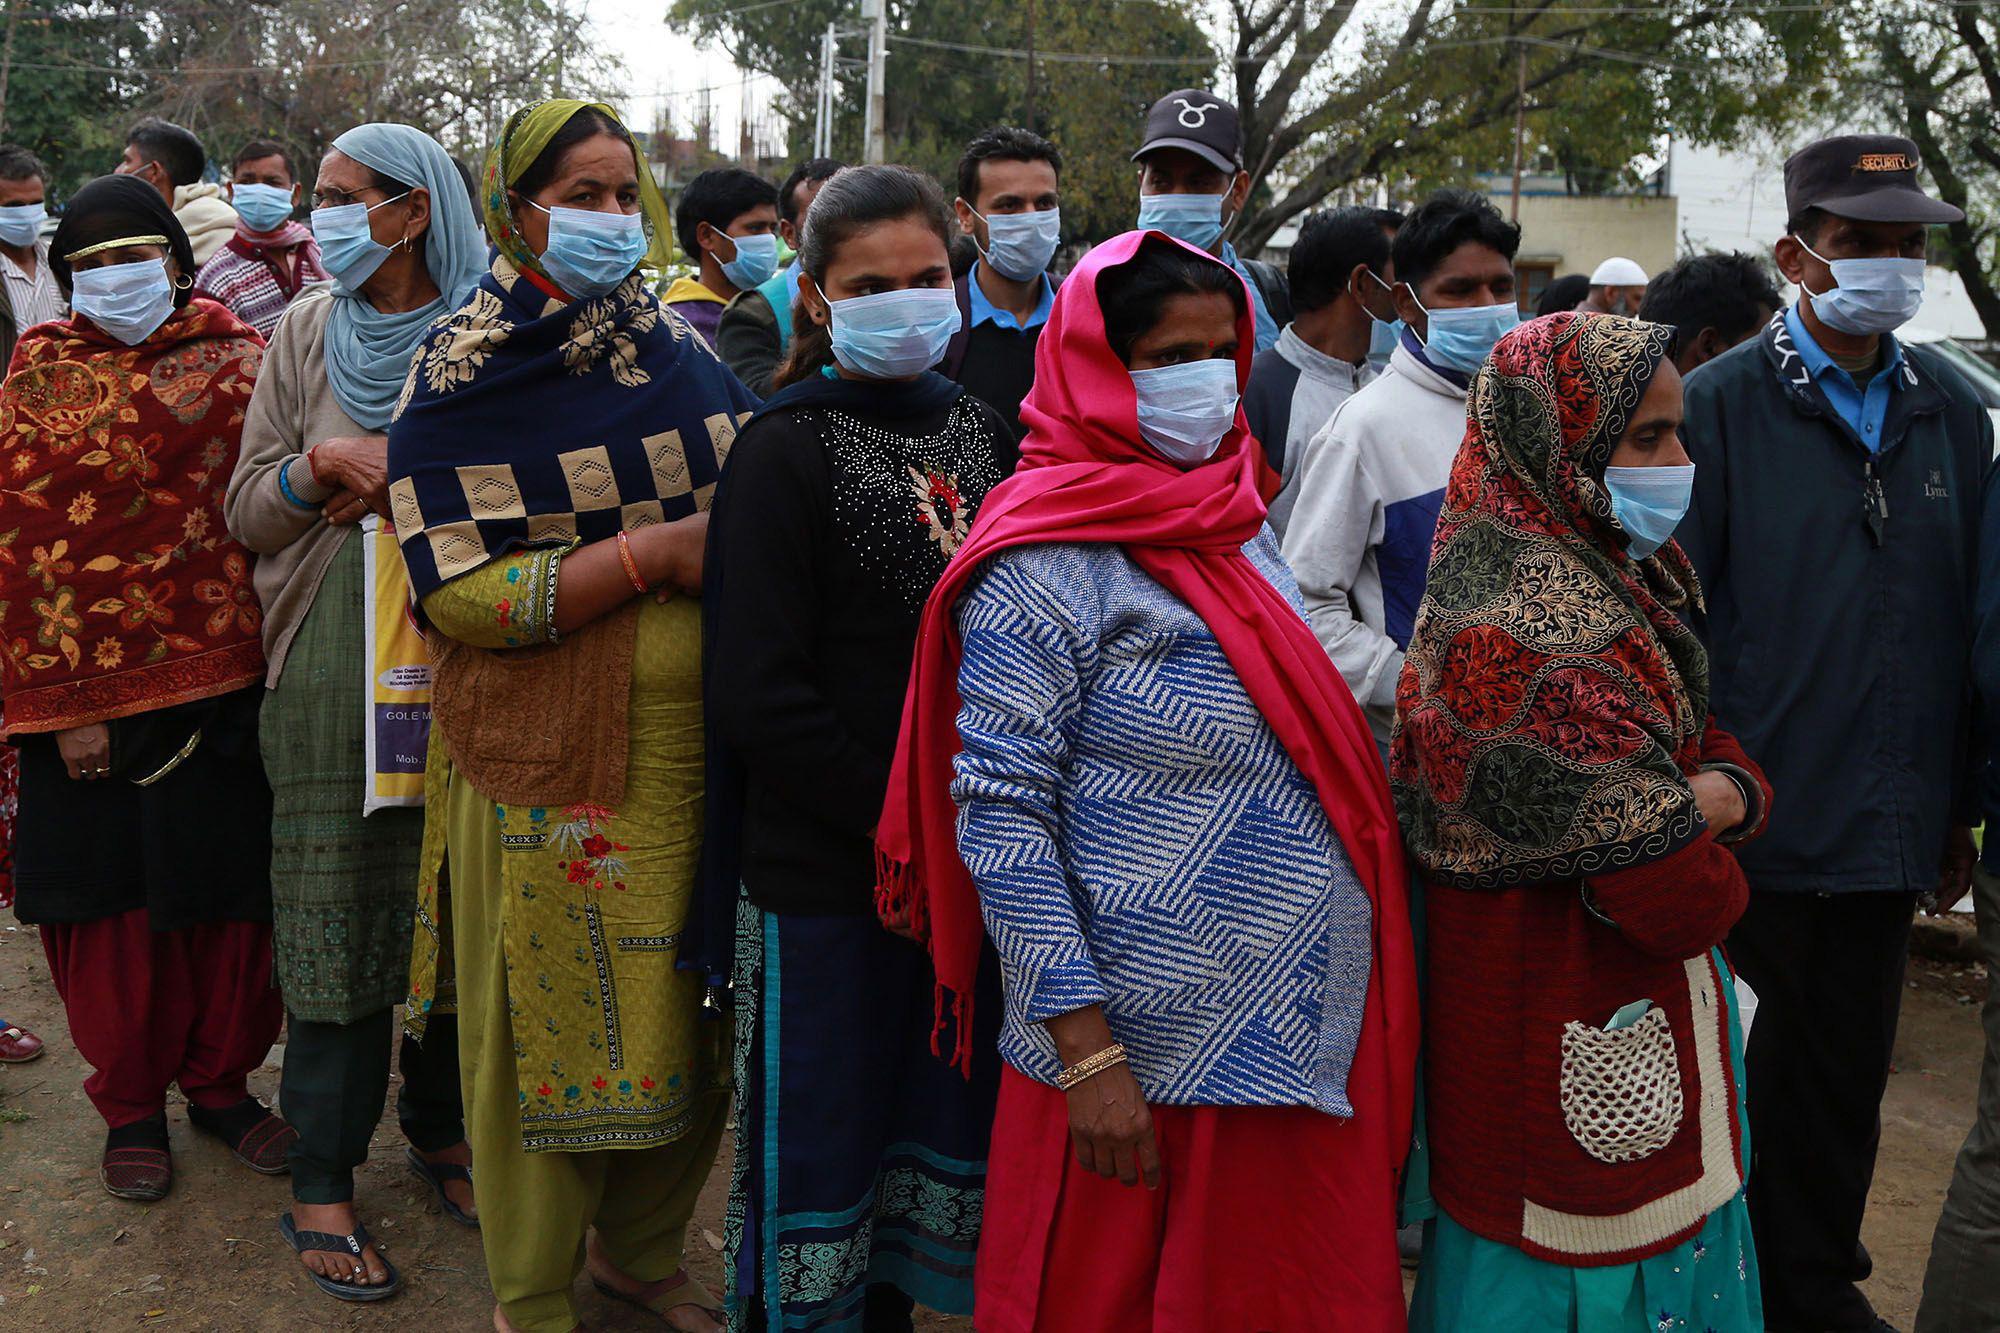 Cập nhật tình hình dịch virus corona ở ASEAN và châu Á ngày 22/3: Số ca nhiễm virus corona ngoại nhập ở Trung Quốc tăng mạnh, Thái Lan tăng kỉ lục số ca nhiễm - Ảnh 2.